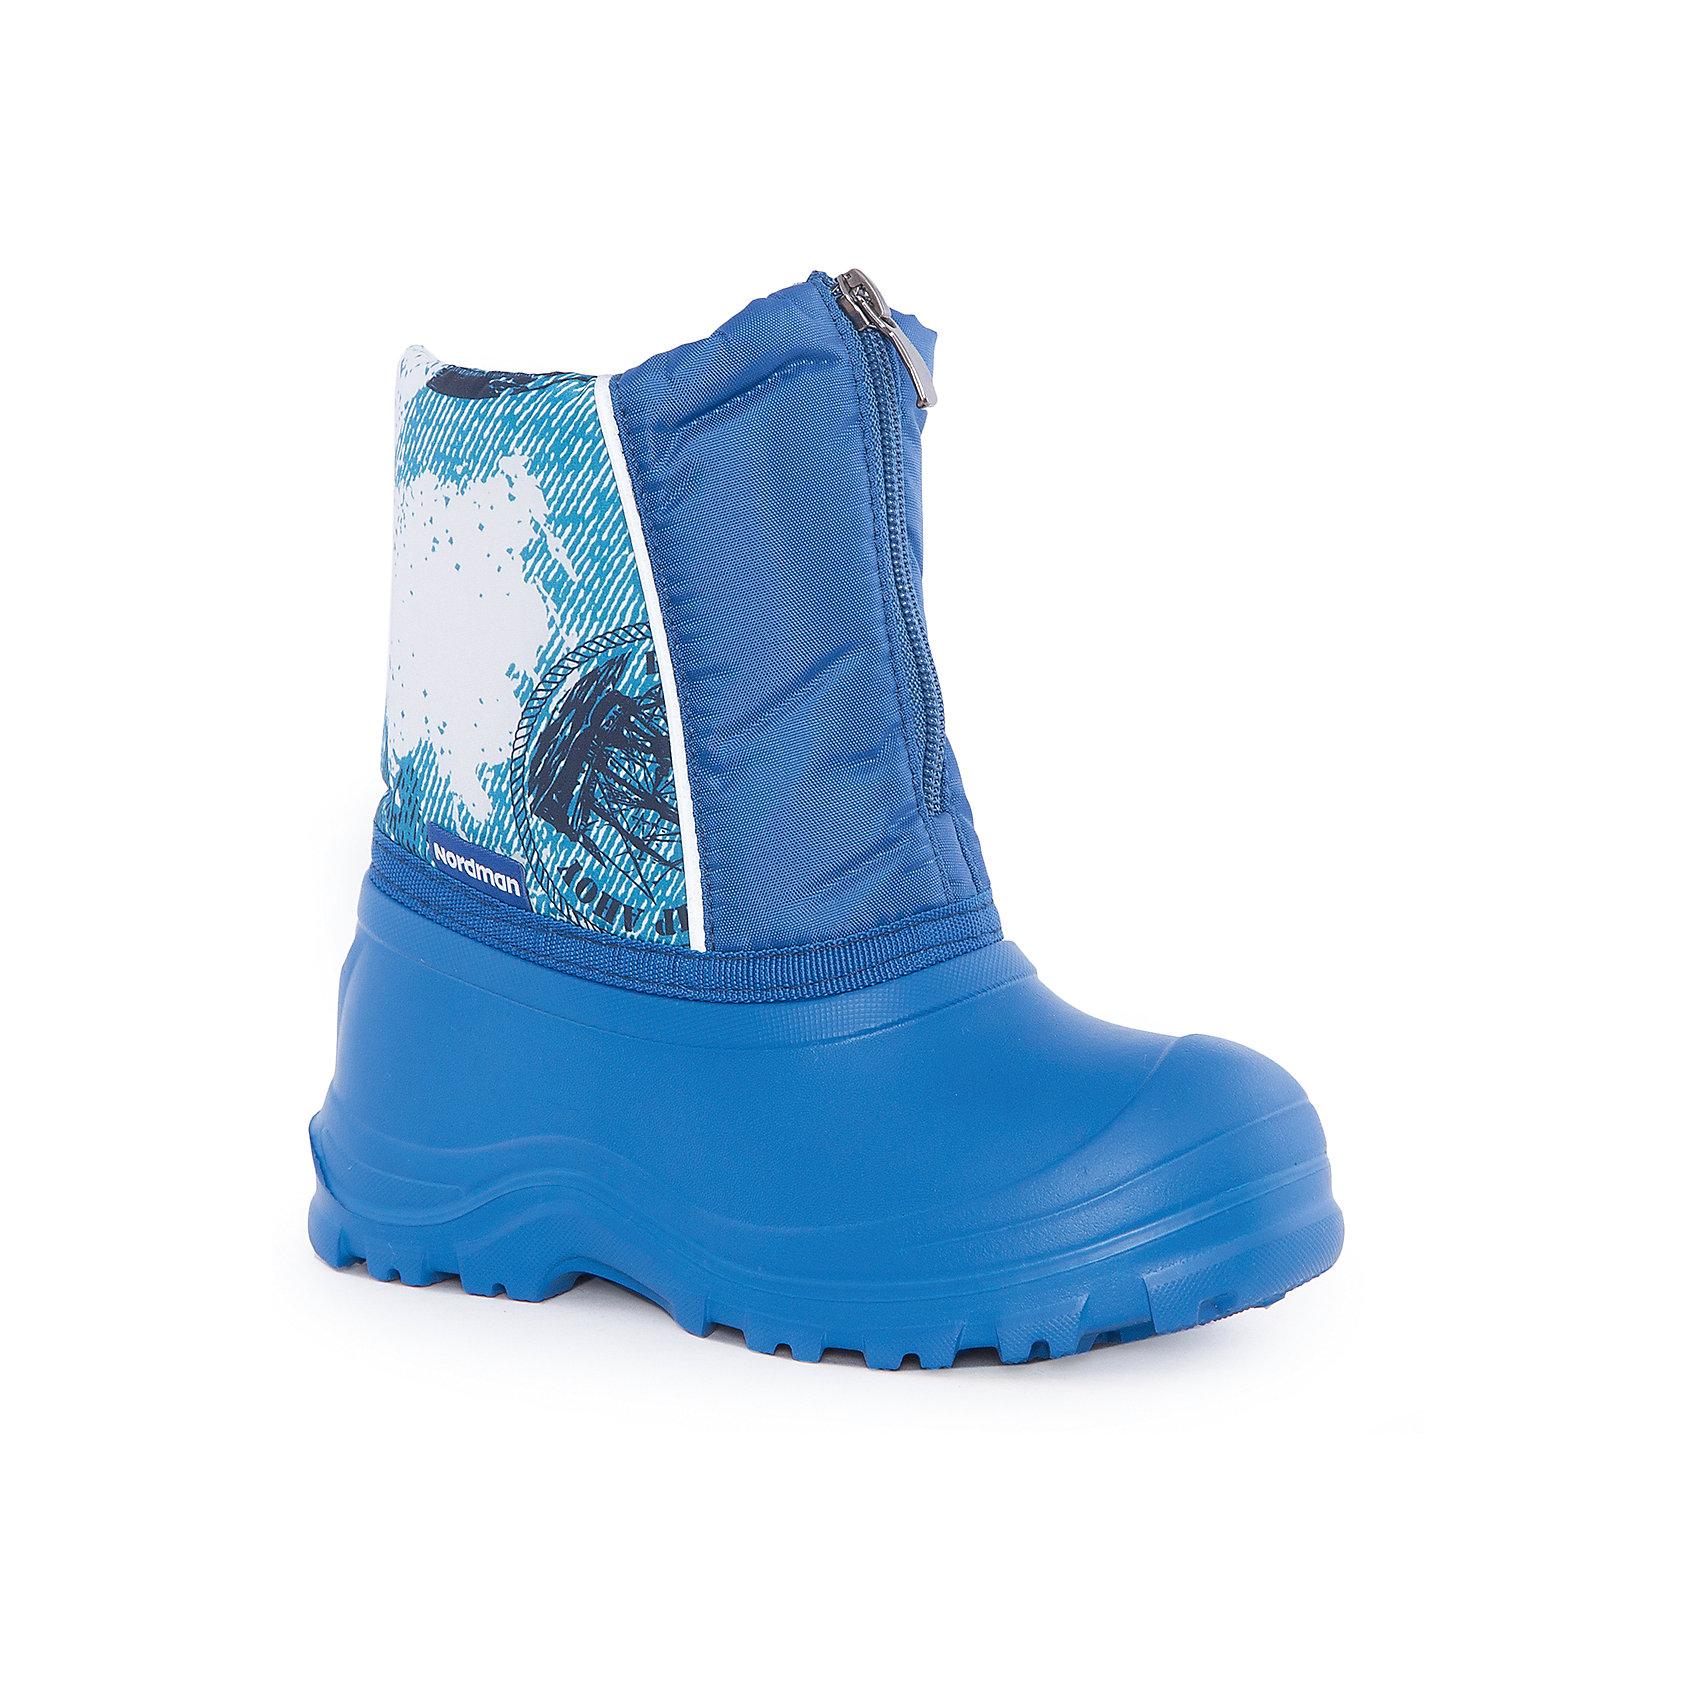 Сапоги для мальчика NordmanХарактеристики товара:<br><br>• цвет: синий<br>• материал верха: текстиль<br>• материал подкладки: поролон, мех<br>• материал подошвы: ЭВА<br>• подошва не скользит<br>• застежка: молния<br>• температурный режим: от -15° до +5° С<br>• верх с водоотталкивающей пропиткой<br>• толстая устойчивая подошва<br>• низ не промокает<br>• страна бренда: Российская Федерация<br>• страна изготовитель: Российская Федерация<br><br>При выборе демисезонной и зимней обуви для ребенка необходимо убедиться, что она удобная и теплая. Такие сапожки обеспечат детям комфорт даже в мороз, а непромокающая нижняя часть  оставит ножки в сухости. Сапожки легко снимаются и надеваются, хорошо сидят на ноге. Внутри - специальная теплая подкладка, с которой холода не страшны!<br>Обувь от бренда Nordman - это качественные российские товары, произведенные с применением как натуральных, так и высокотехнологичных материалов. Обувь выделяется стильным дизайном и проработанными деталями. Полностью адаптирована под российскую погоду! Изделие производится из качественных и проверенных материалов, которые безопасны для детей.<br><br>Сапоги для мальчика от бренда Nordman можно купить в нашем интернет-магазине.<br><br>Ширина мм: 257<br>Глубина мм: 180<br>Высота мм: 130<br>Вес г: 420<br>Цвет: синий<br>Возраст от месяцев: 132<br>Возраст до месяцев: 144<br>Пол: Мужской<br>Возраст: Детский<br>Размер: 32/33,34/35,30/31<br>SKU: 5219779